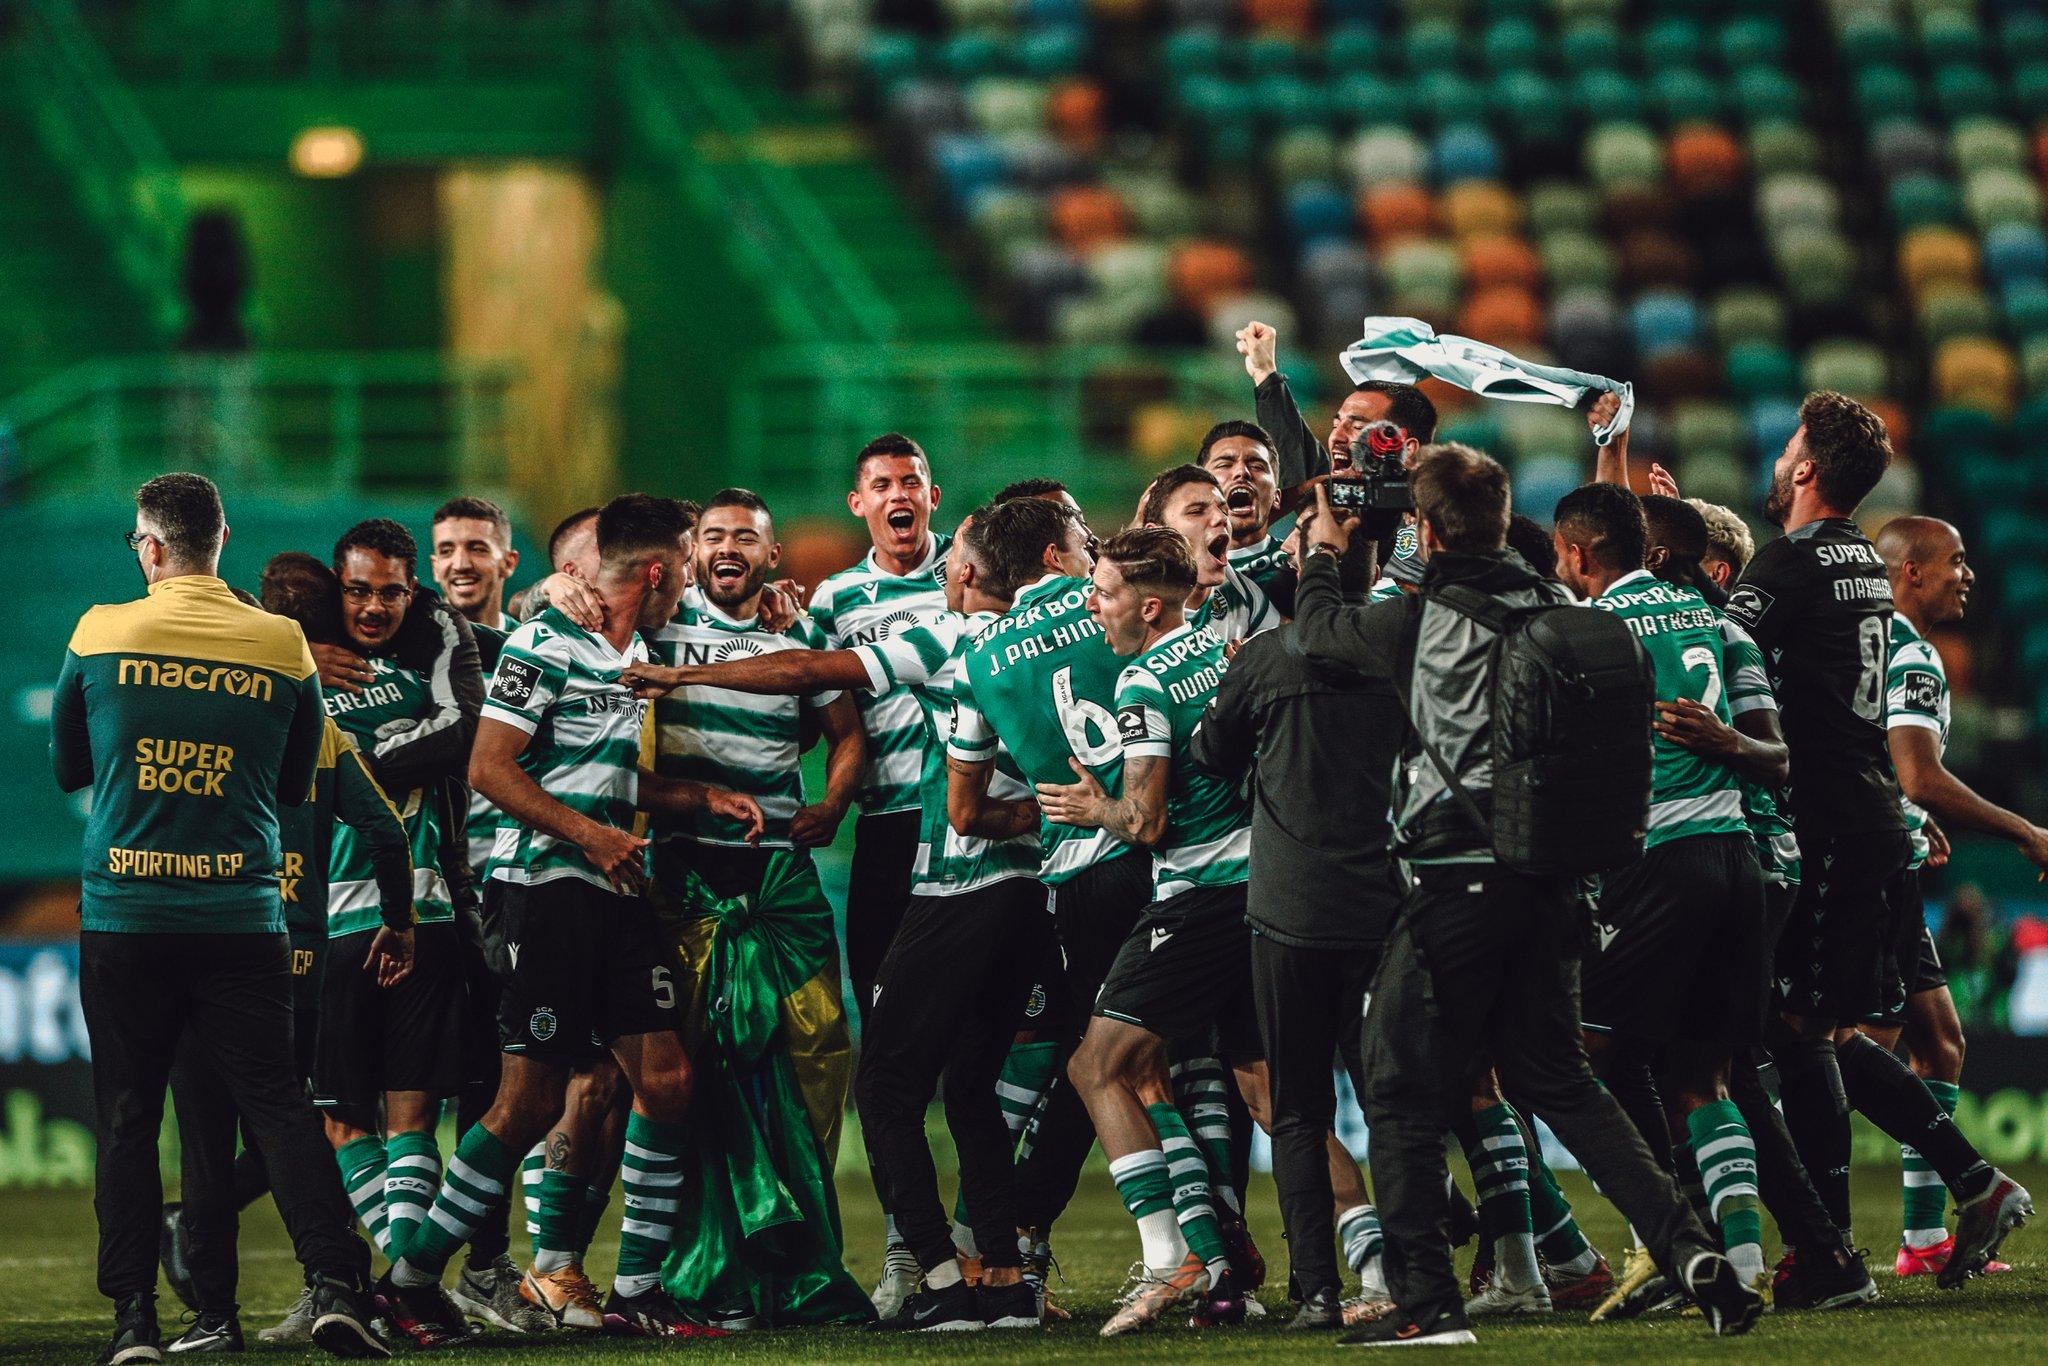 احتفالات لاعبى سبورتنج لشبونة بلقب الدوري البرتغالى (1)